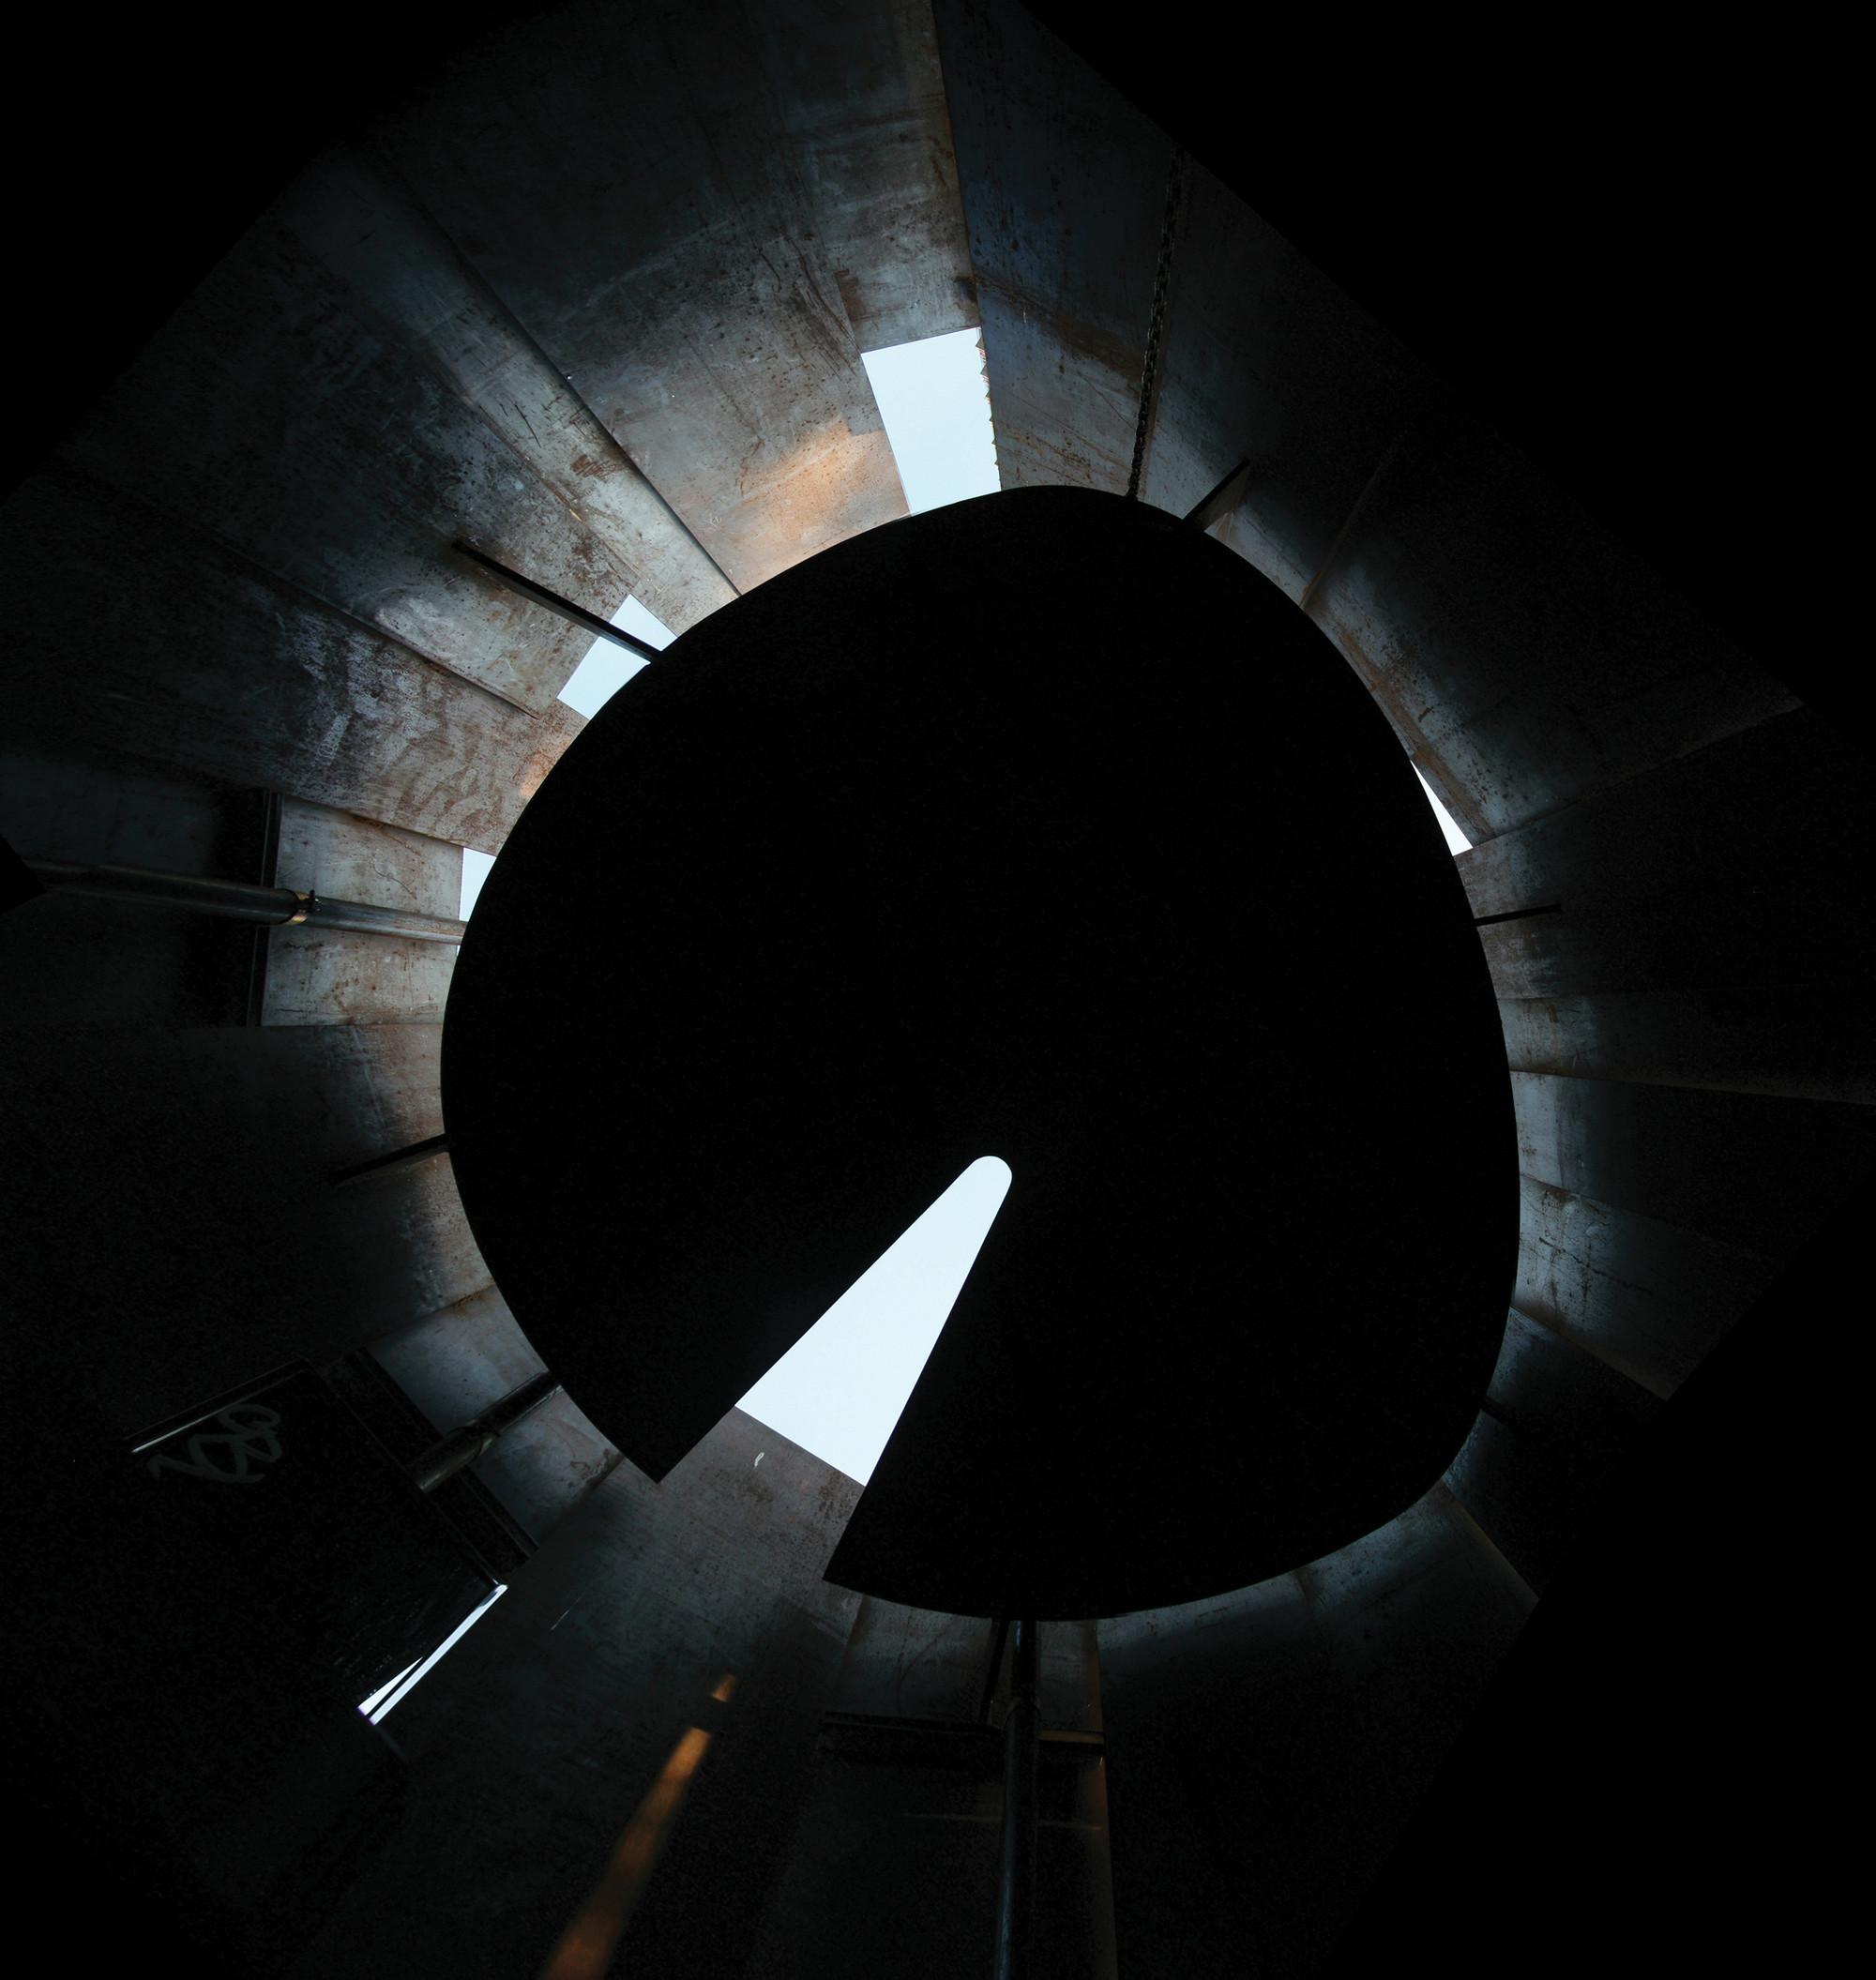 Galeria de Banheiro Público / Miro Rivera Architects 2 #31819A 2000 2111